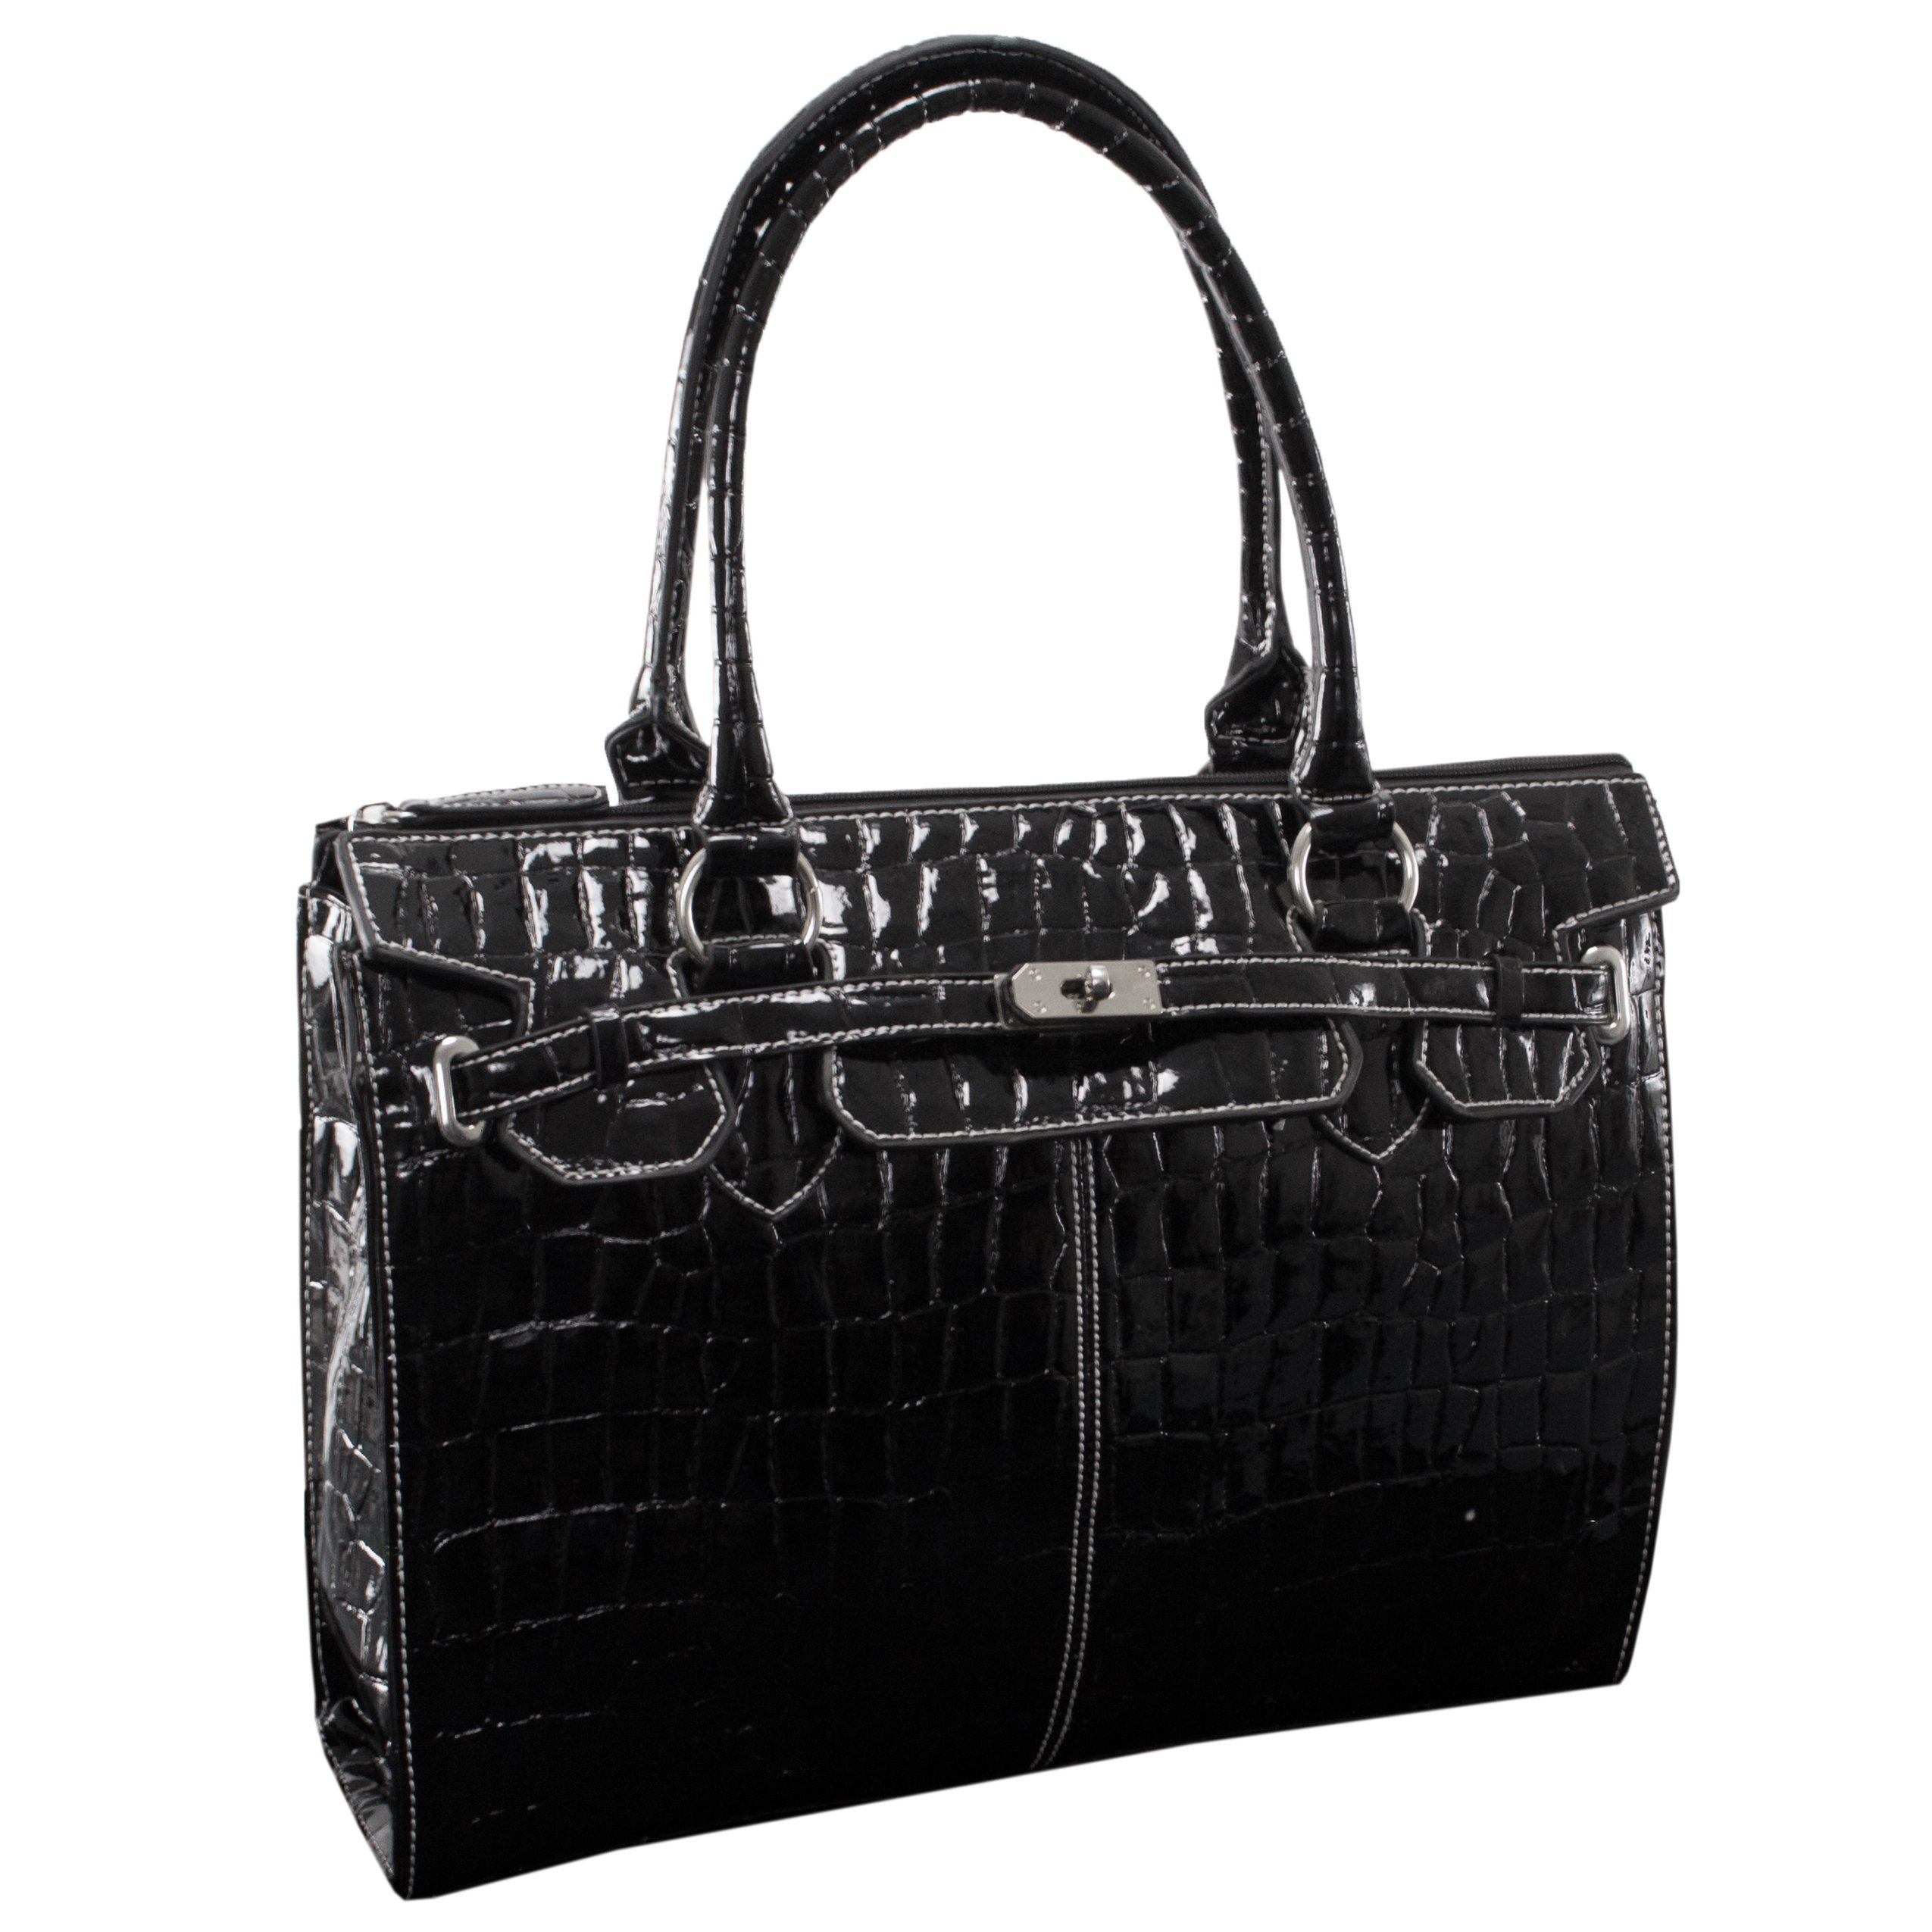 McKleinUSA FRANCESCA 11105 Black Faux Patent Croco Leather Ladies' Business Tote